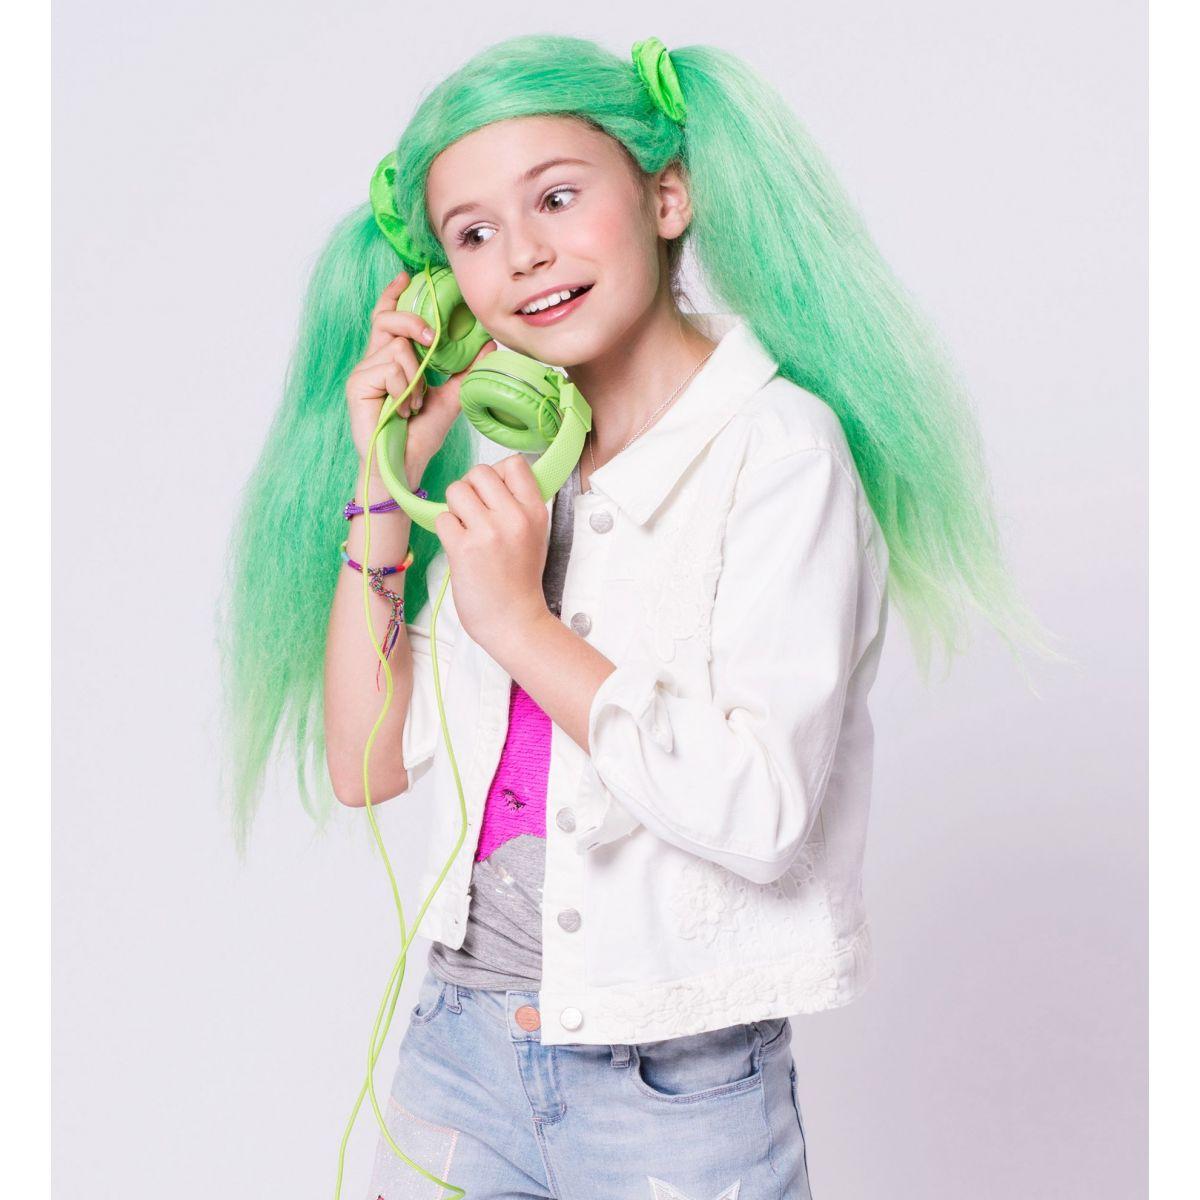 Paruka Lollipopz zelená – Ela